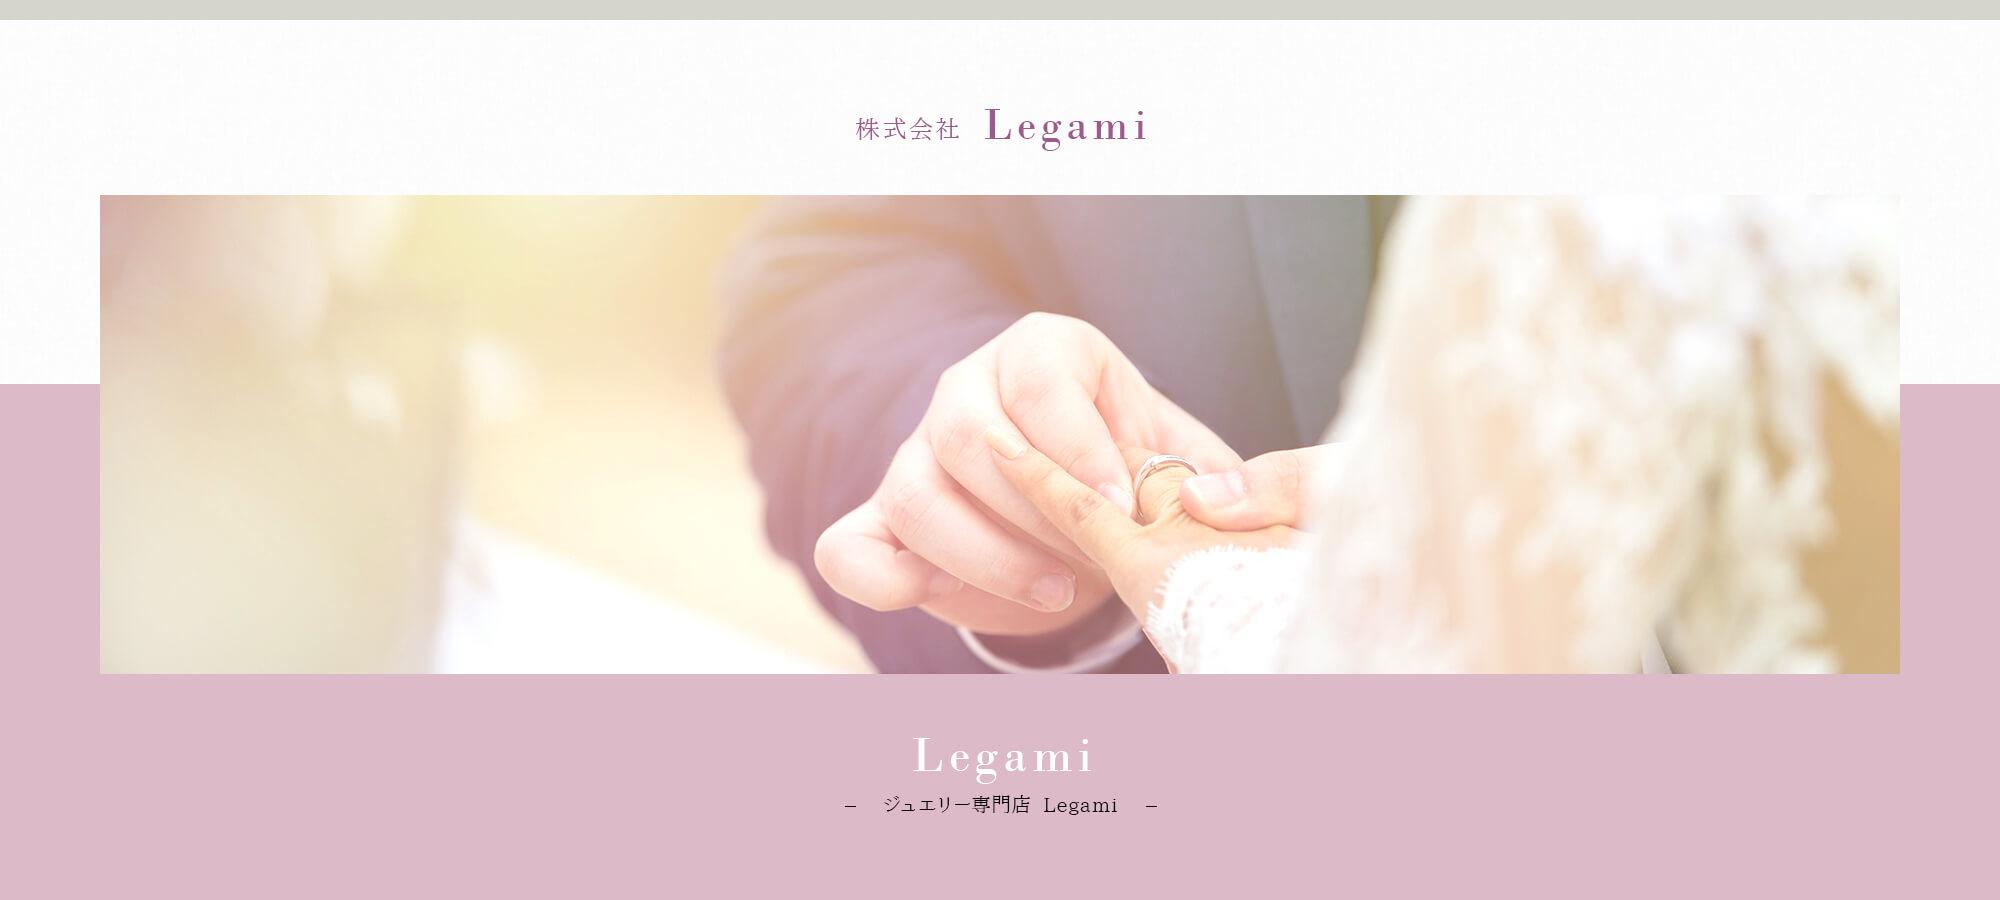 ジュエリー専門店Legami